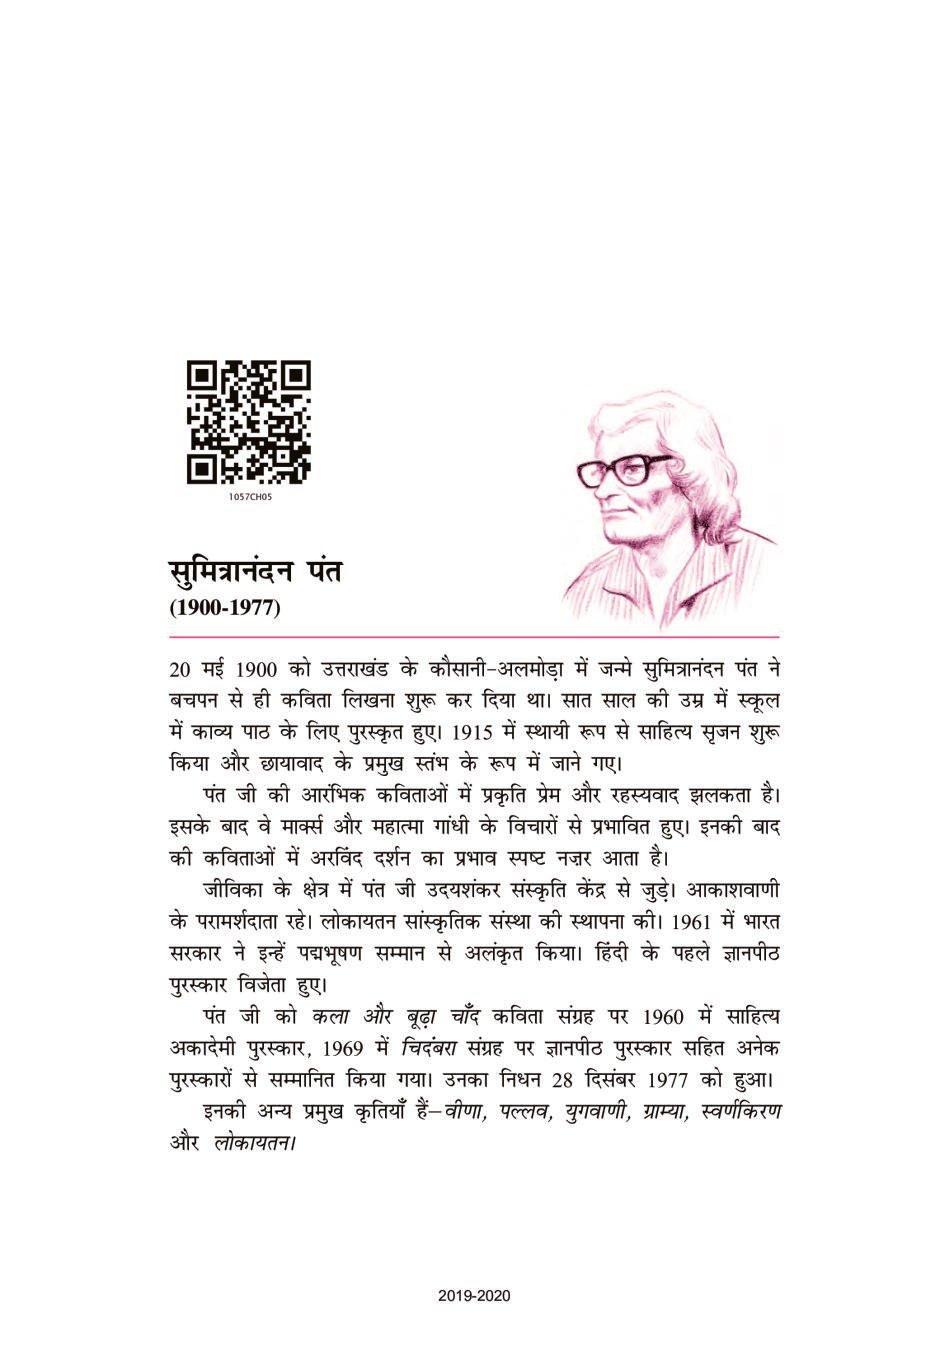 NCERT Book Class 10 Hindi (स्पर्श) Chapter 5 पर्वत प्रदेश में पावस - Page 1